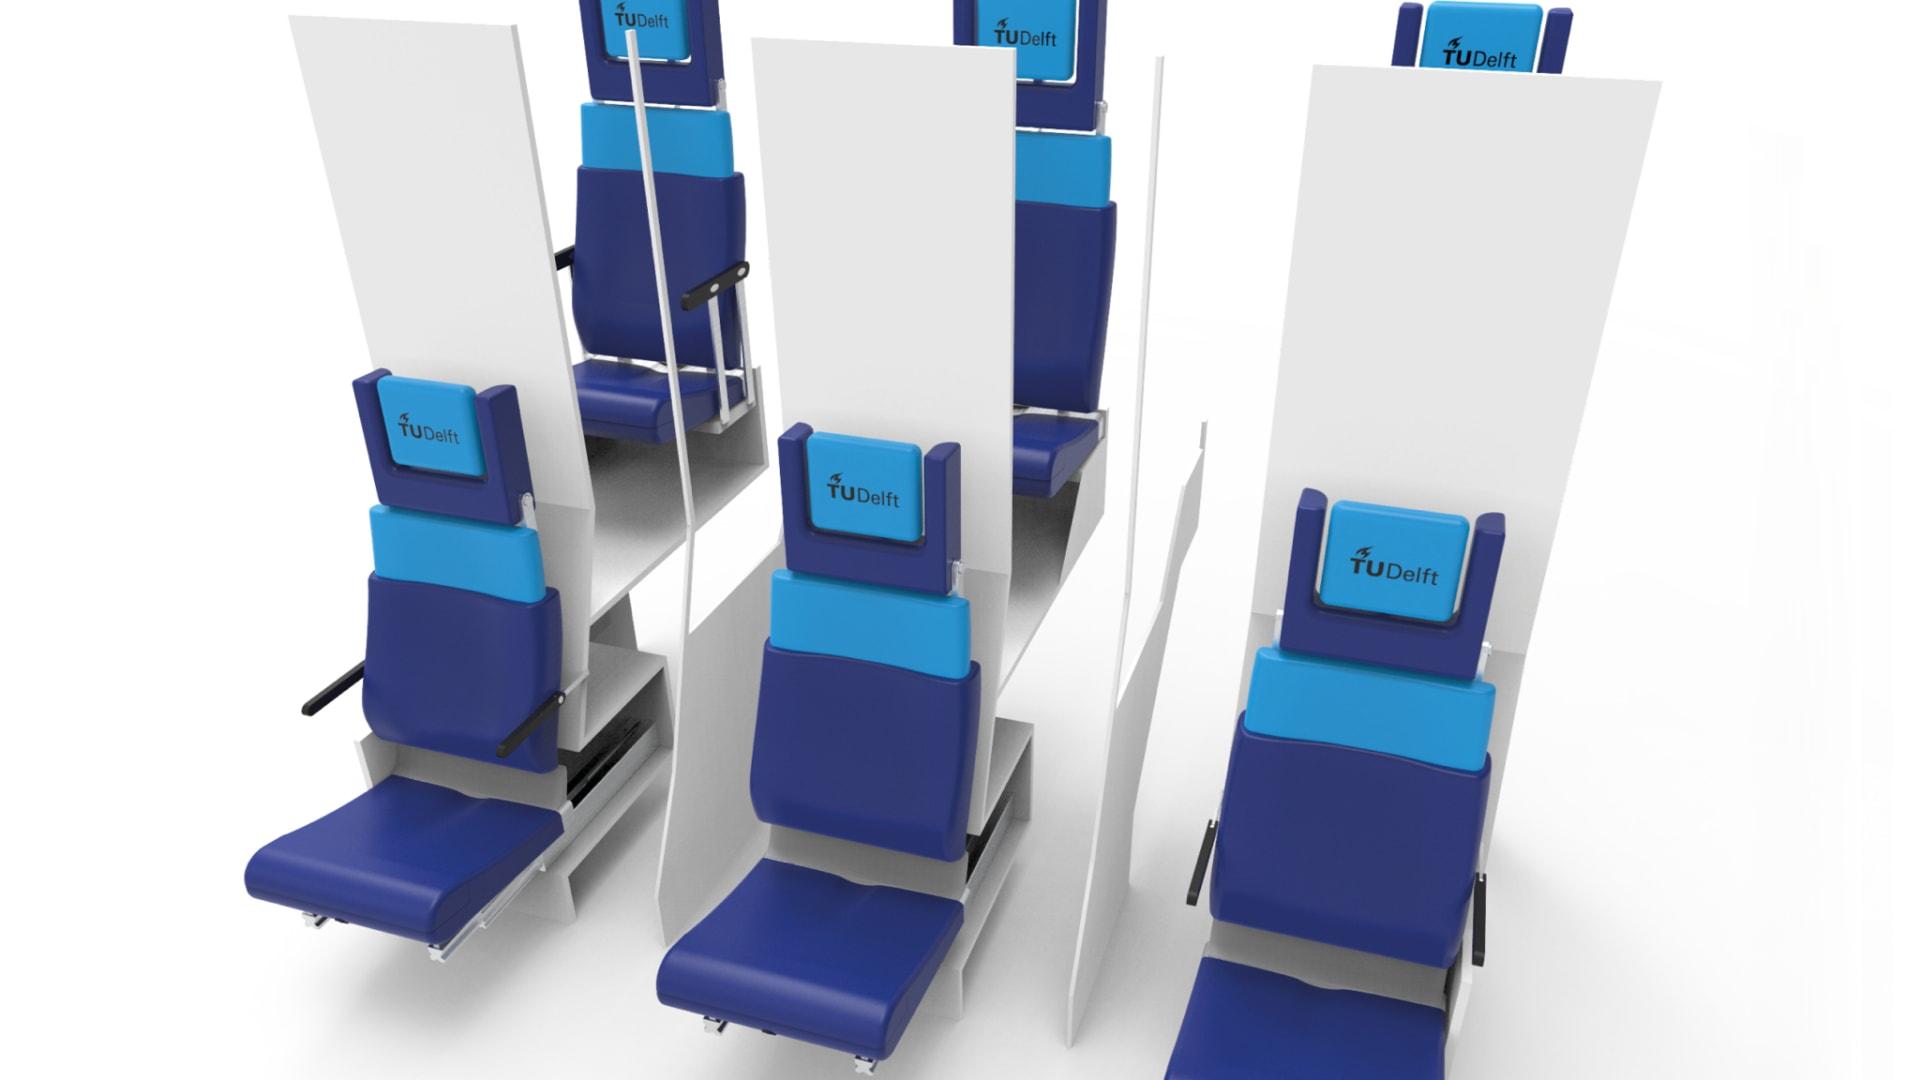 هل تصبح مفاهيم مقصورة الطائرة ذات الطابقين مستقبل الطيران؟